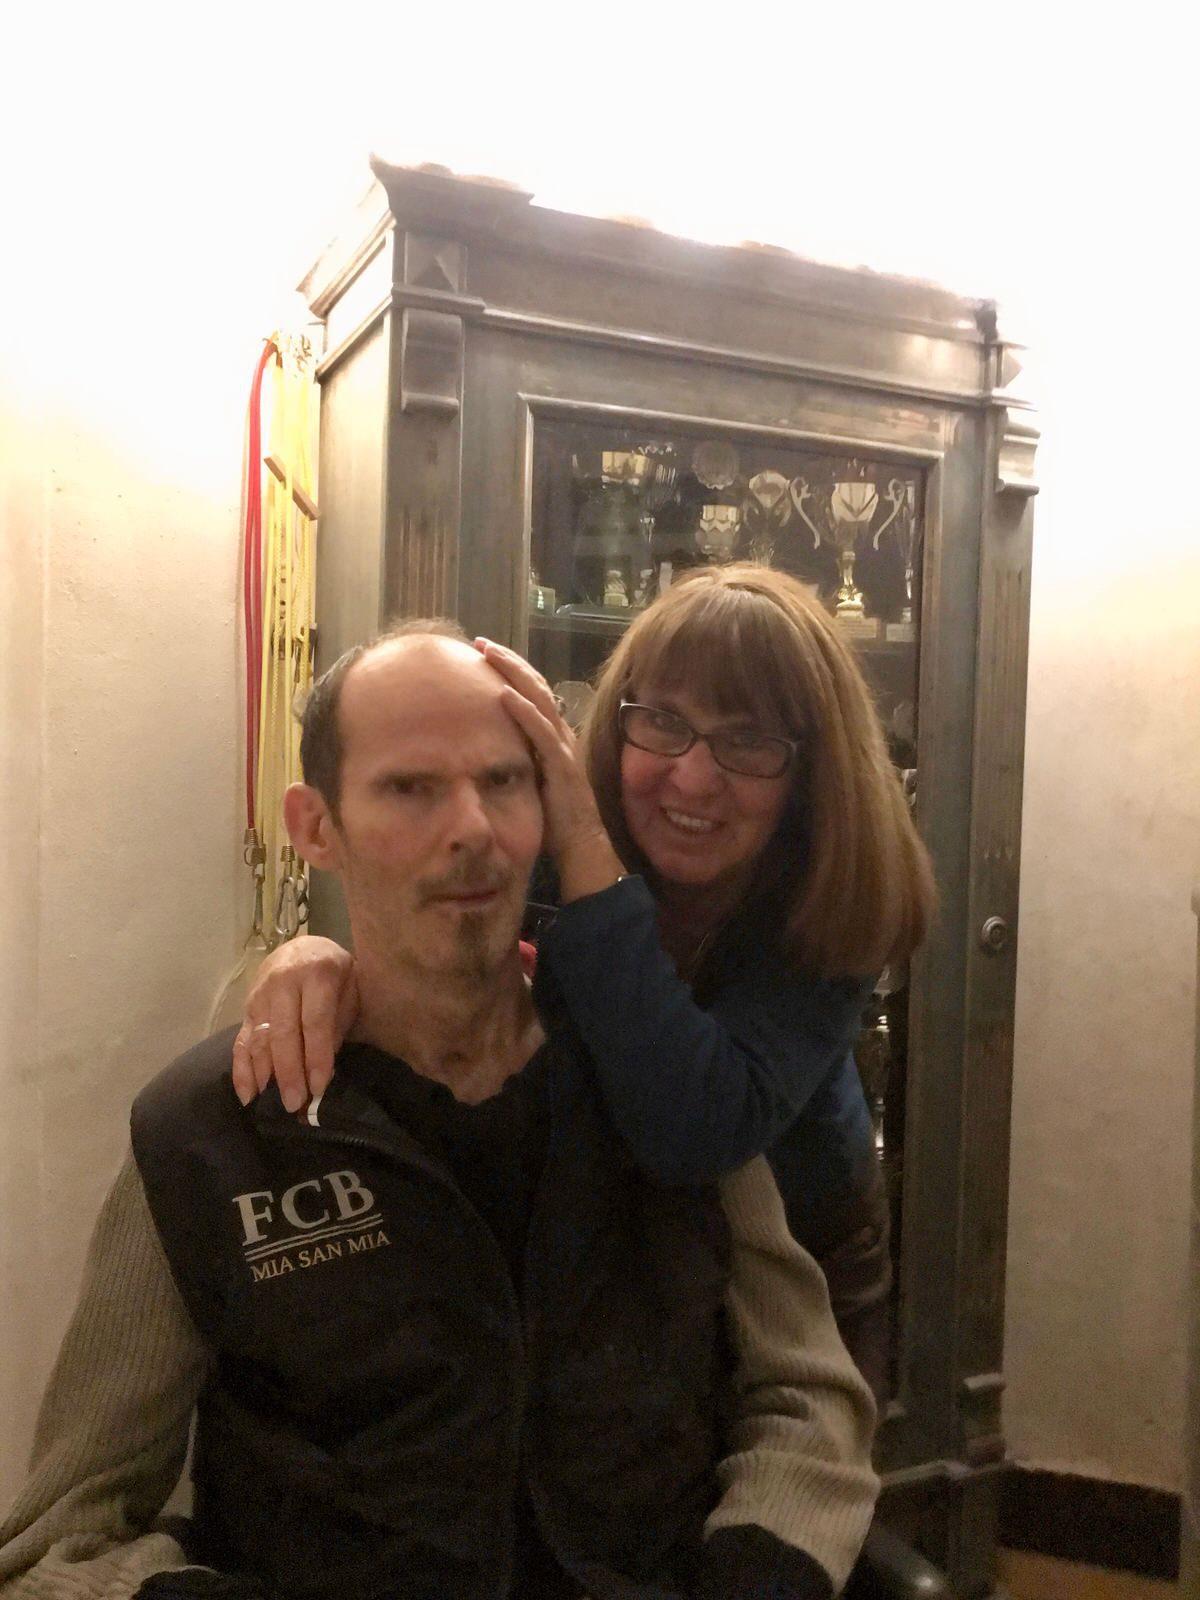 Stefans neue Freundin Ulla